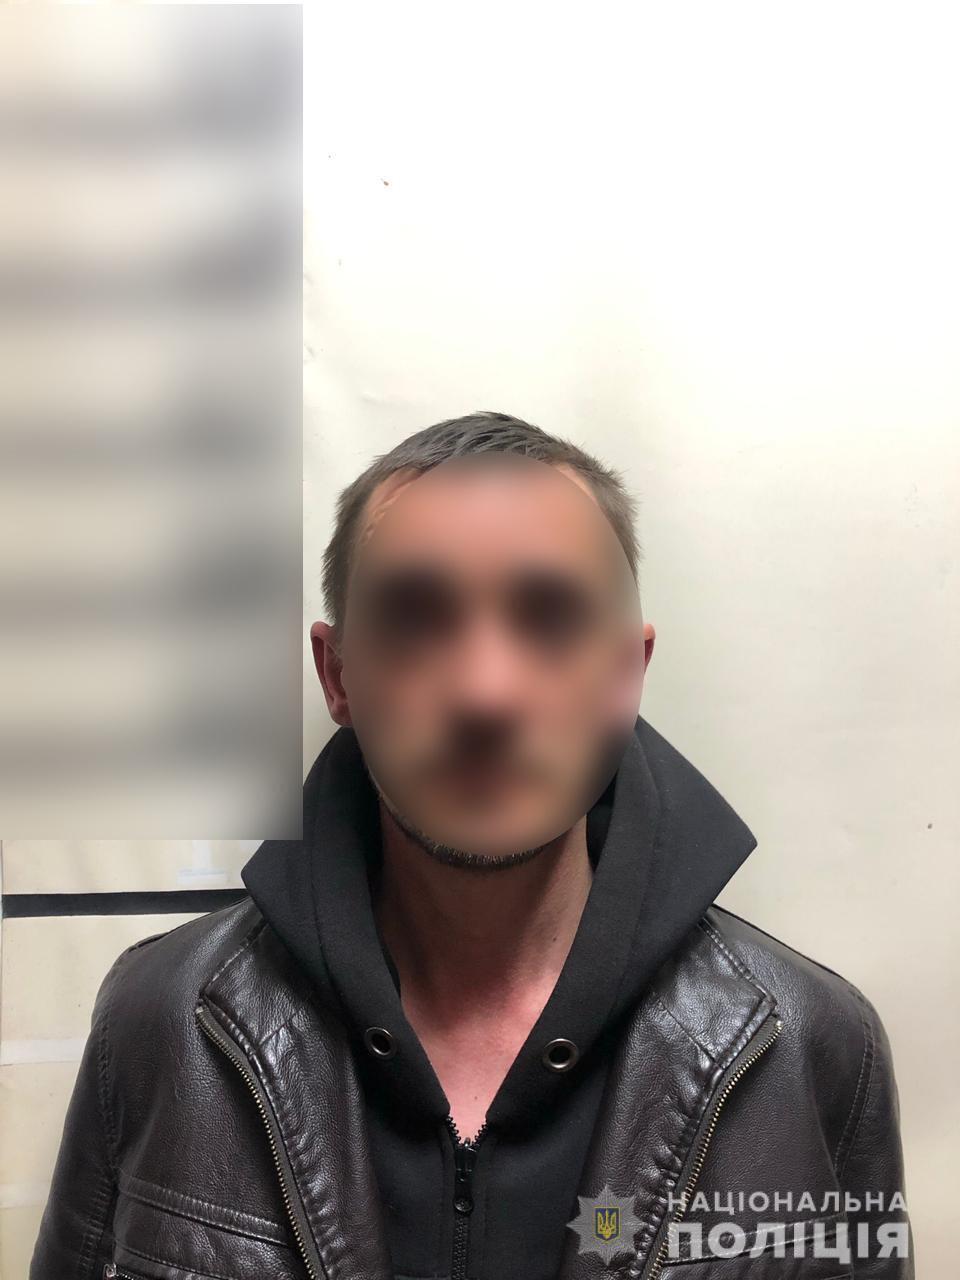 Викрадачем виявився колишній співробітник підприємства.